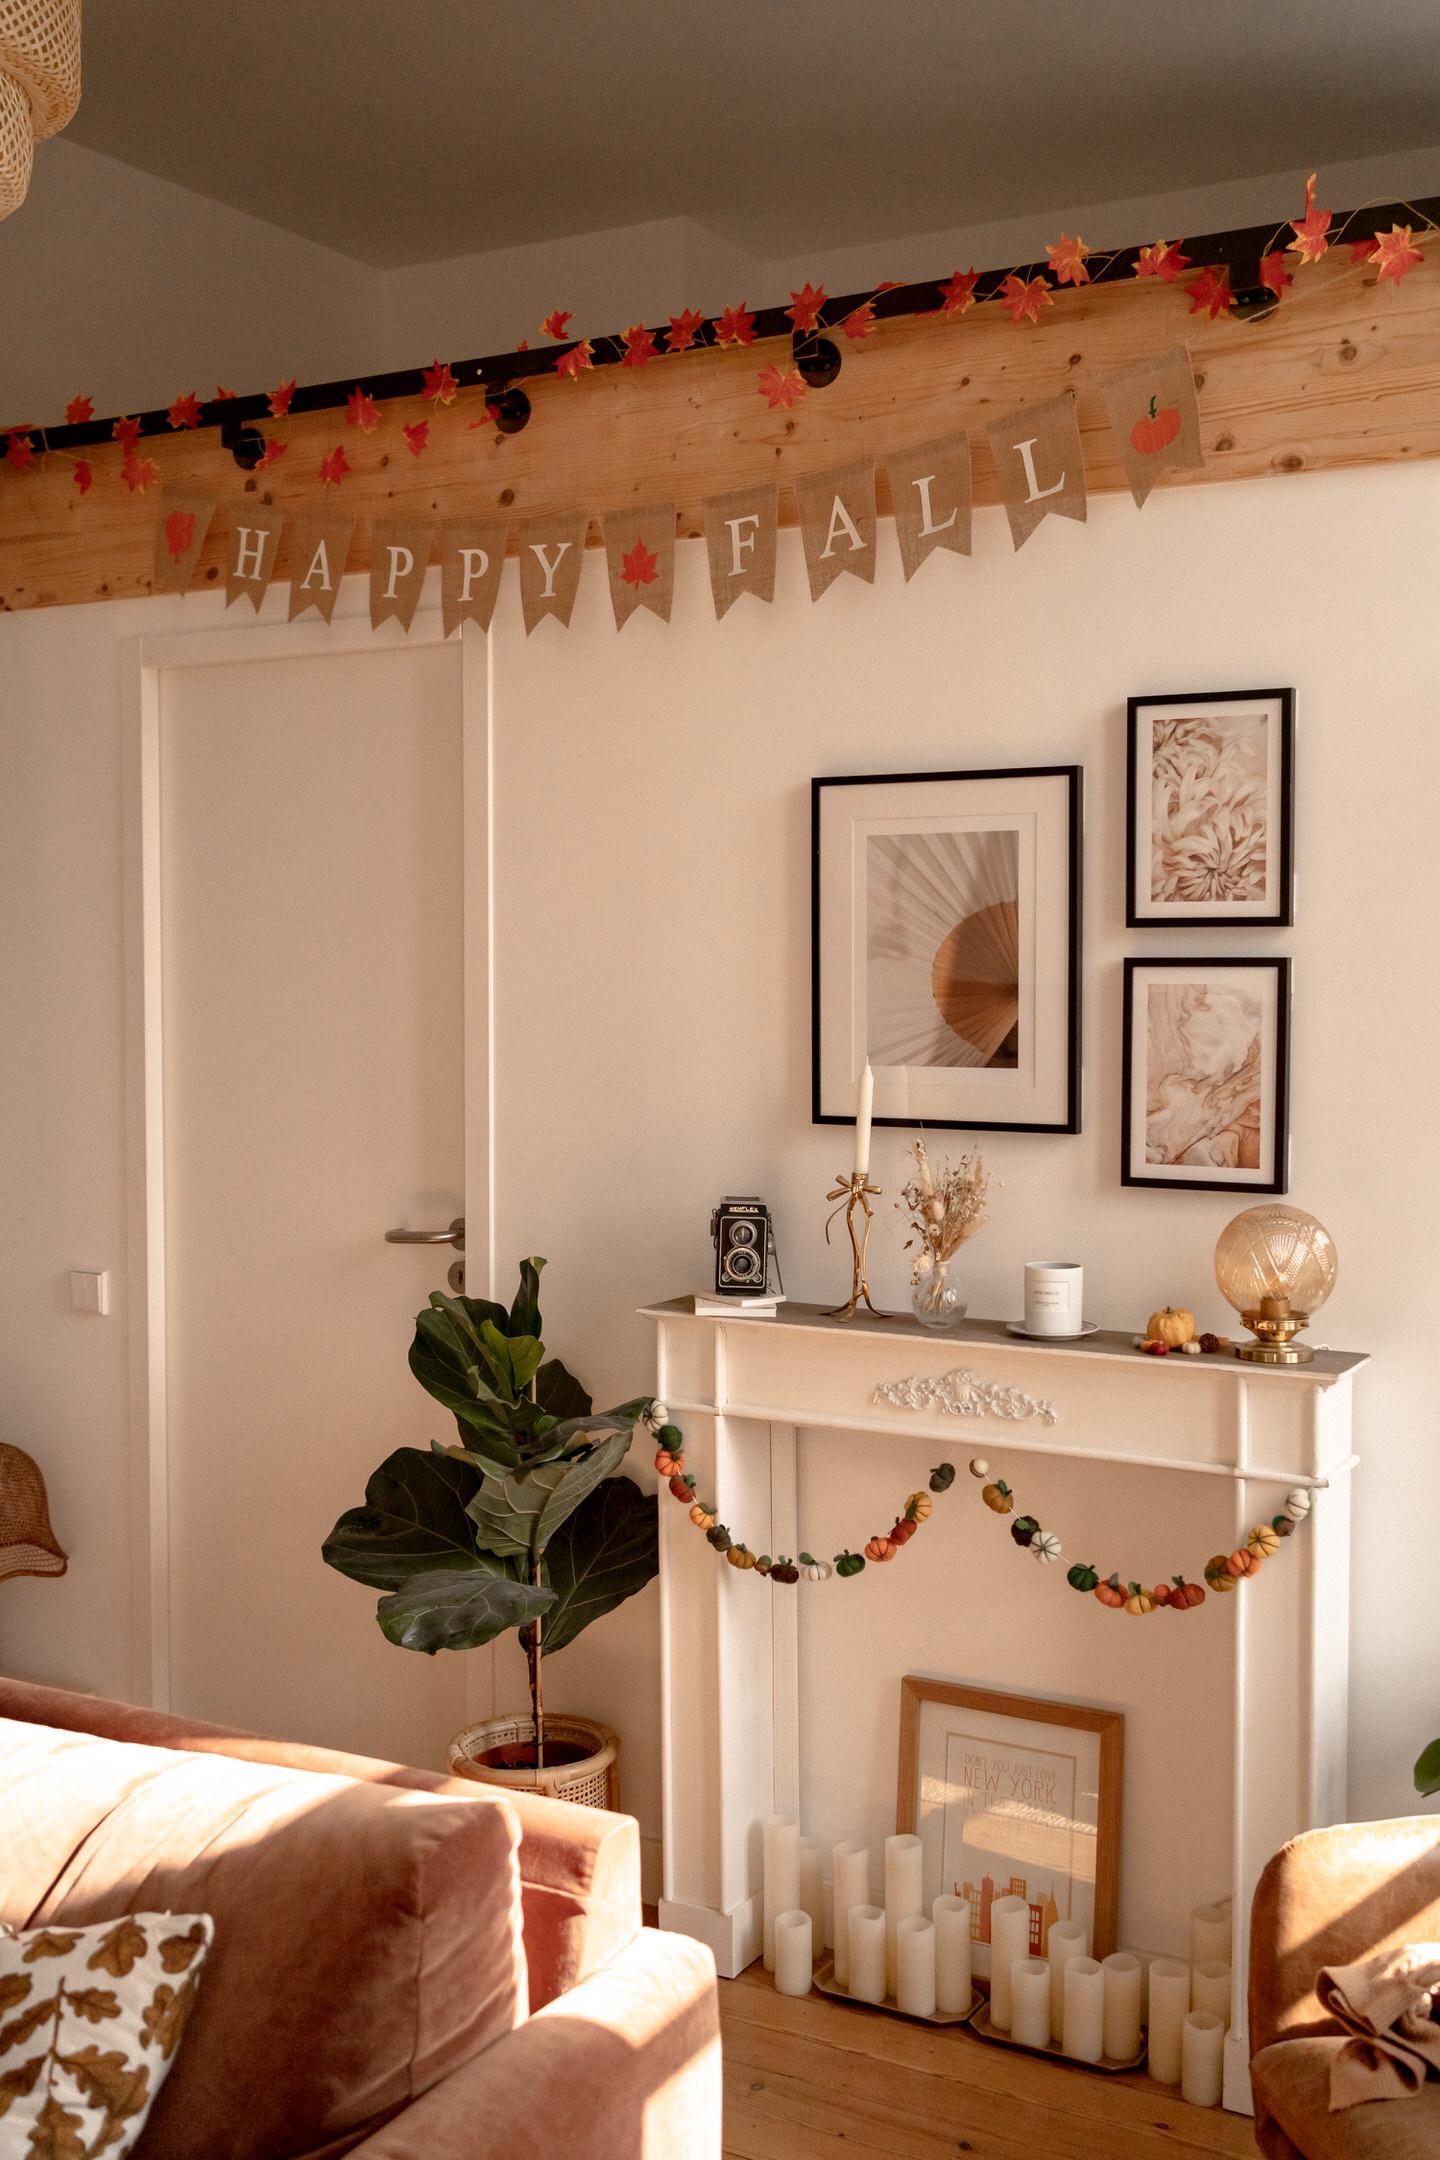 comment-decorer-interieur-automne-6